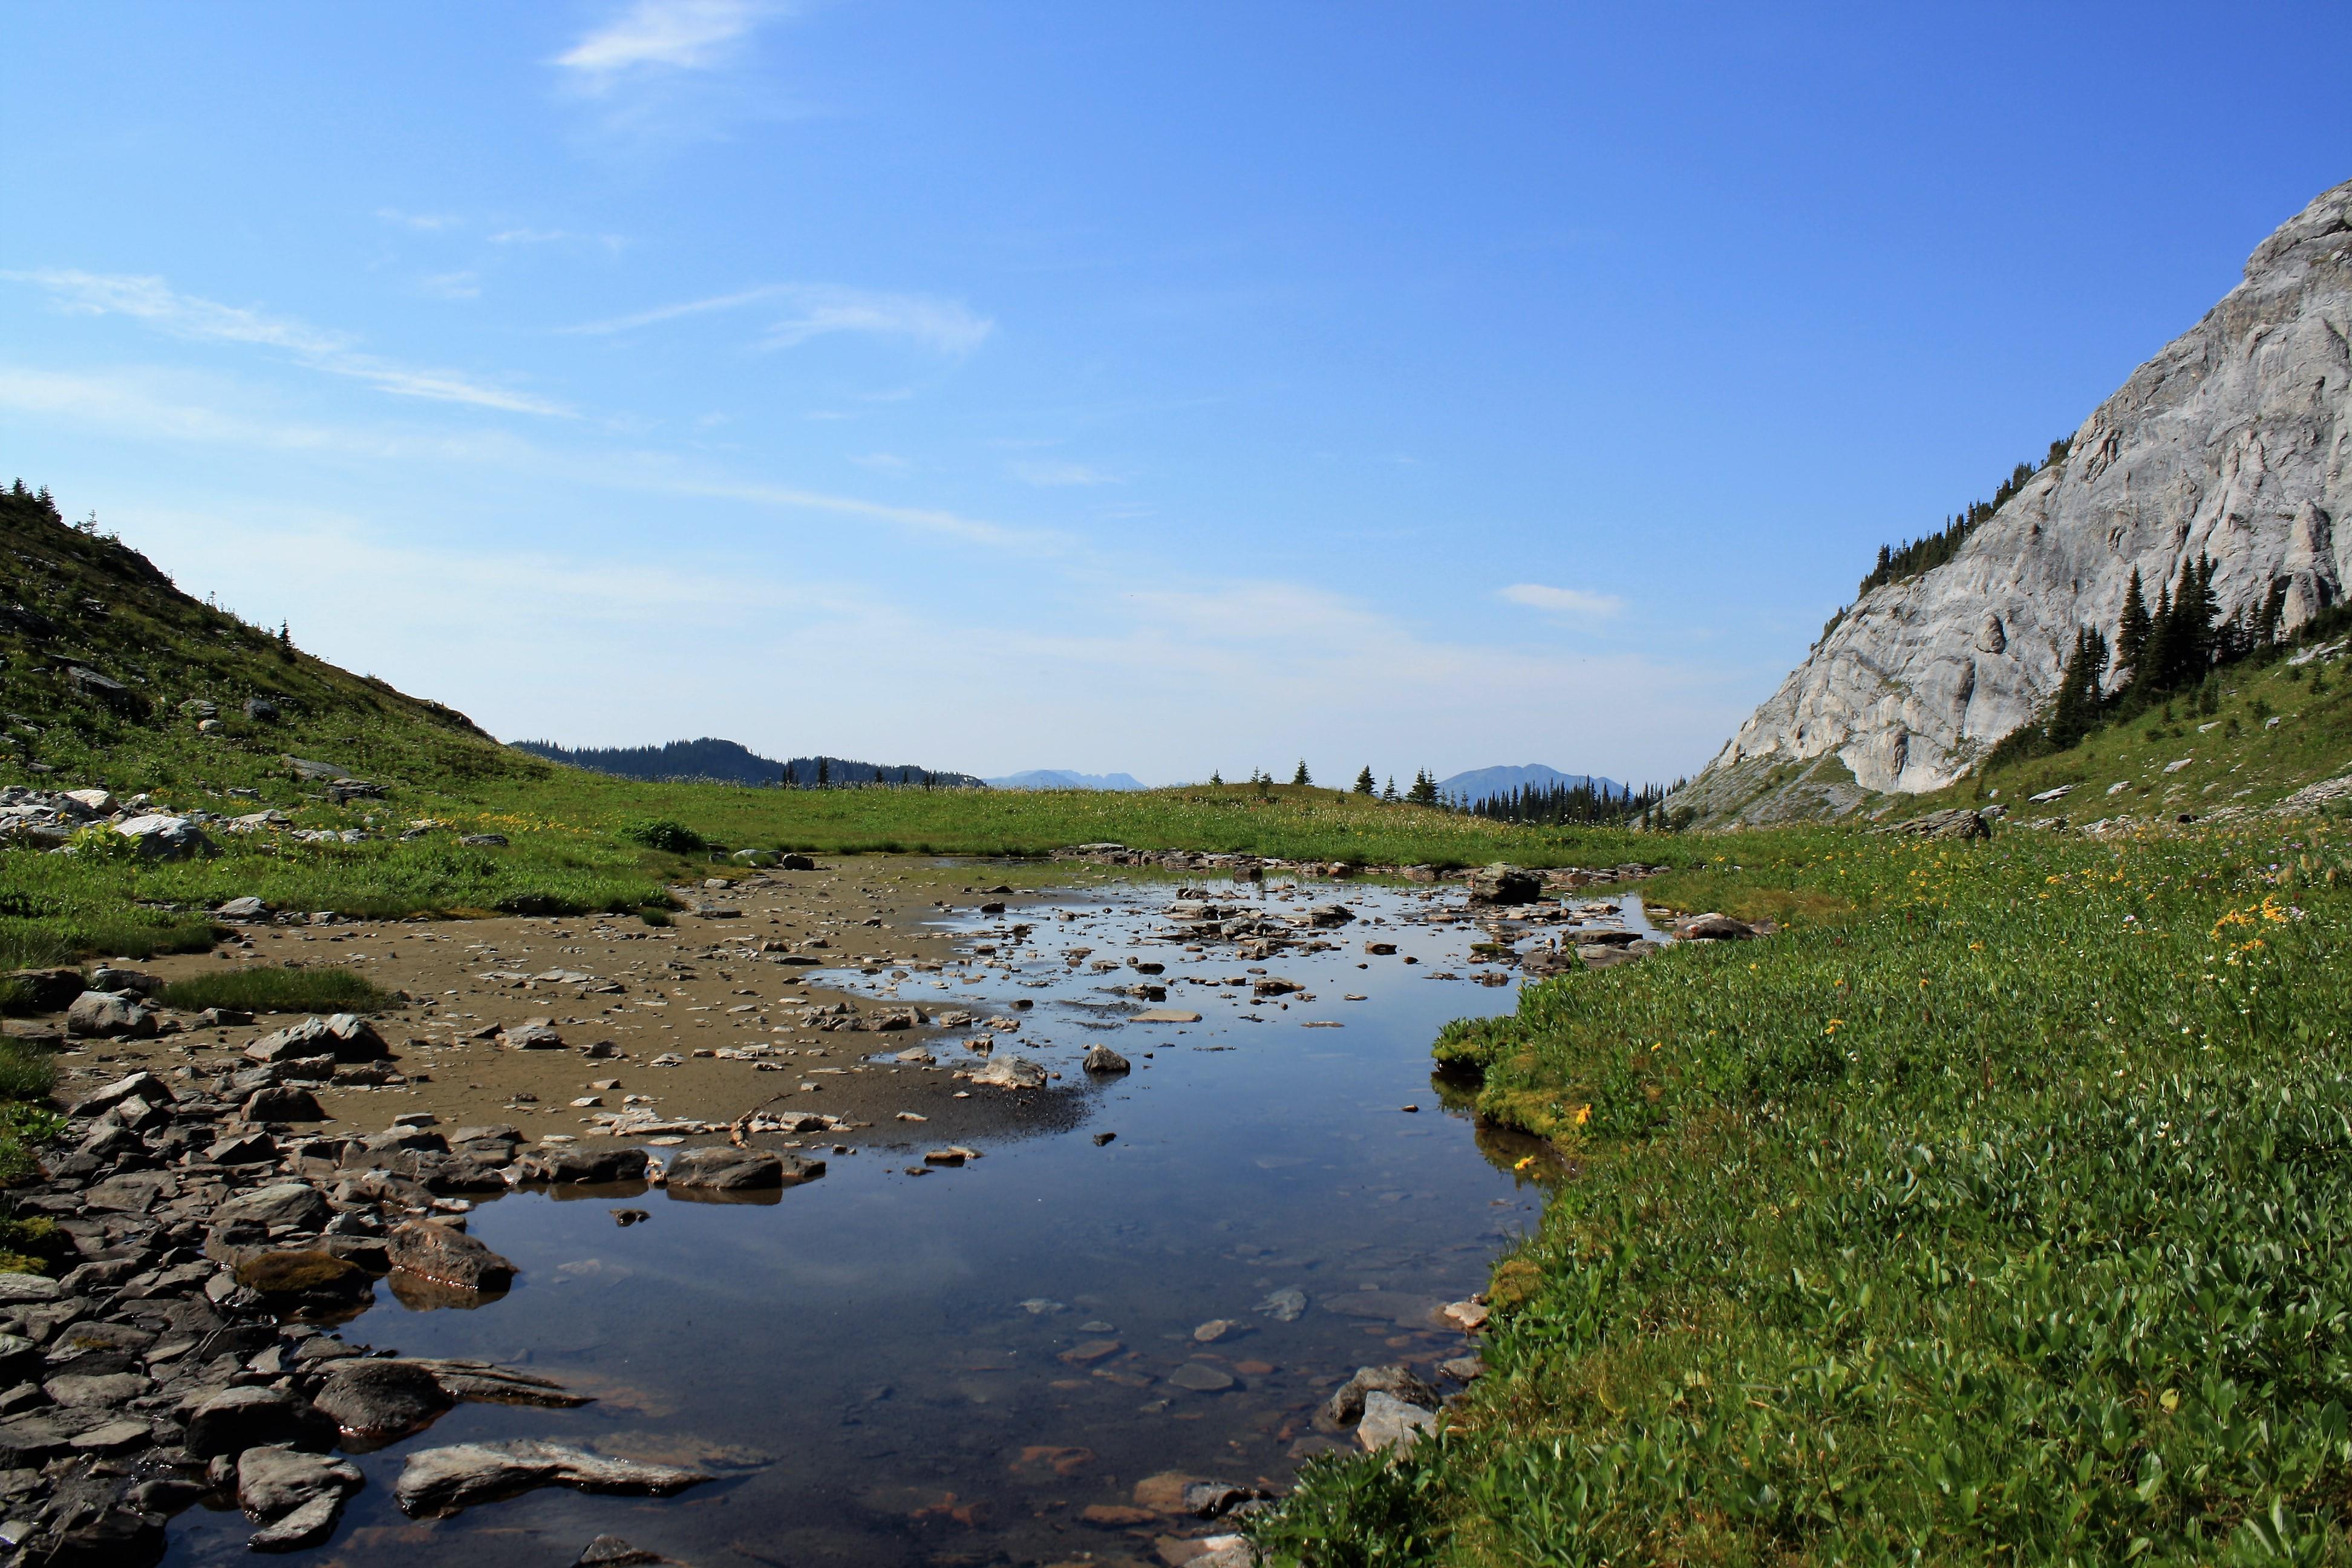 DM_nature_landscape_fangmountain_6892